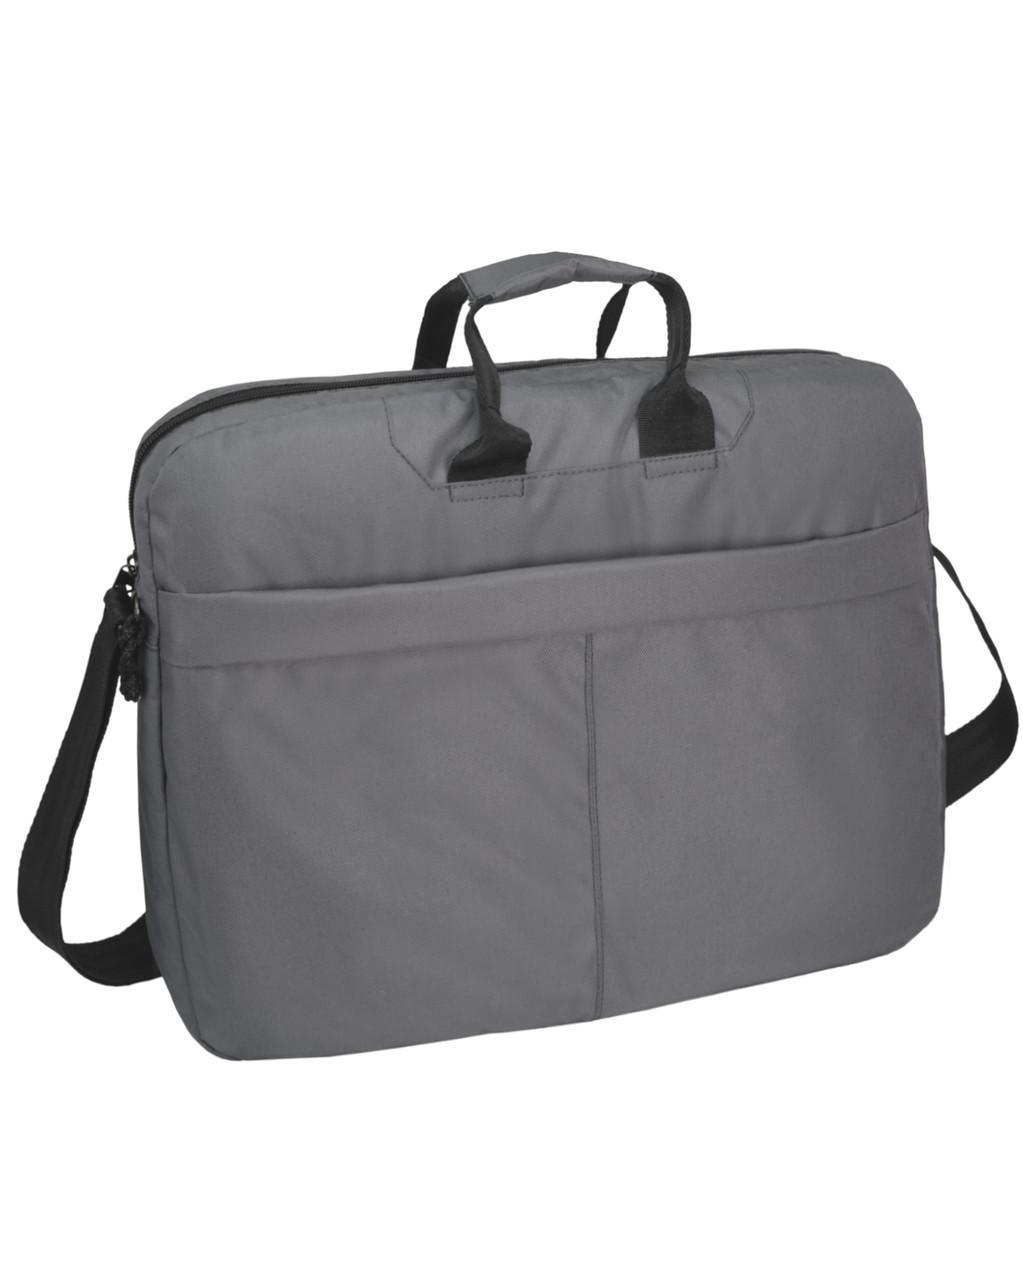 Сумка для ноутбука Surikat серая (мужская сумка, женская сумка, под но